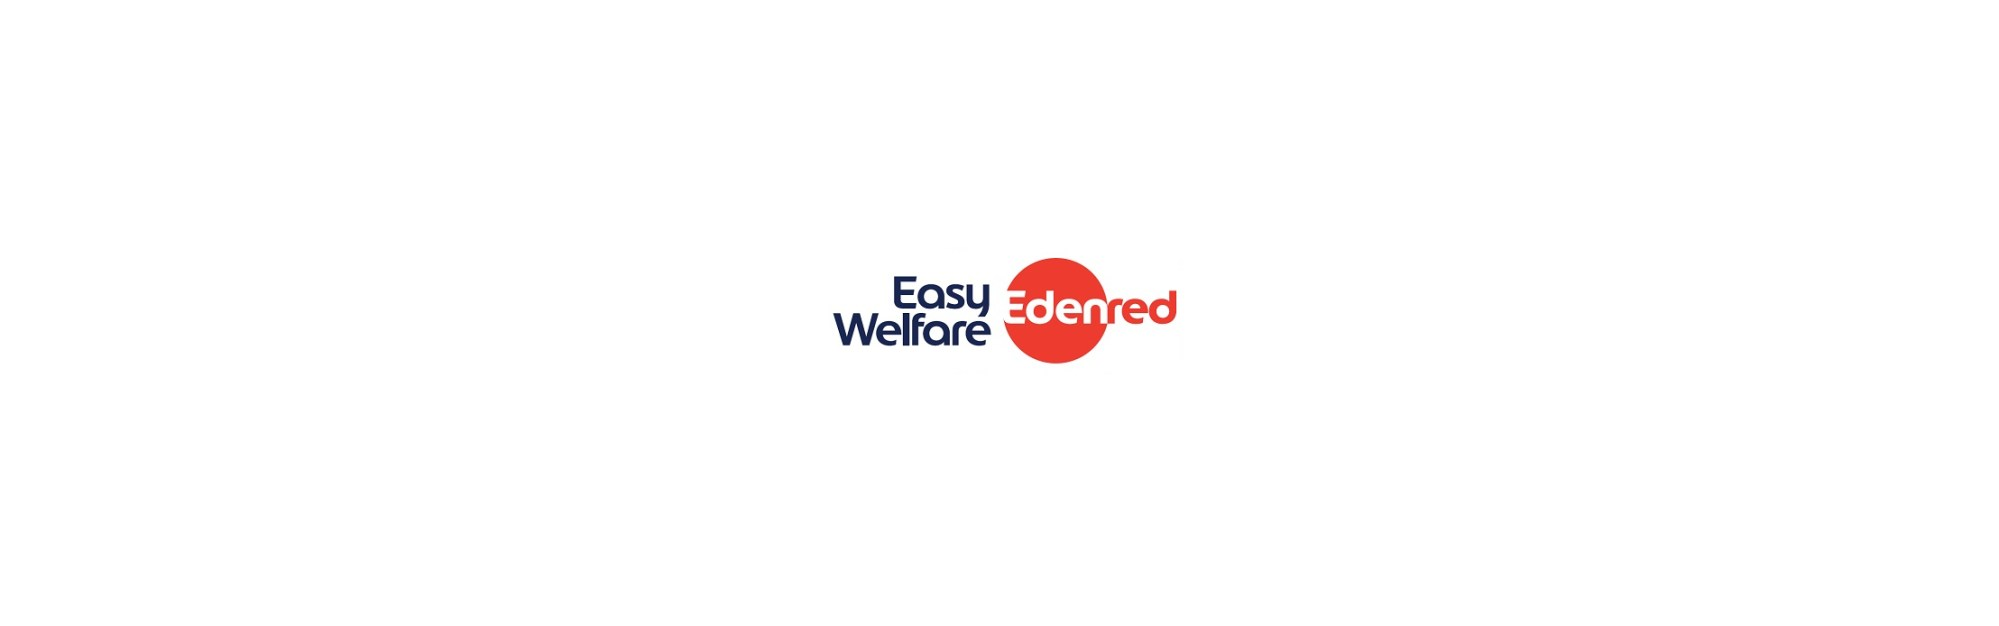 EASY WELFARE EDENRED - Logo